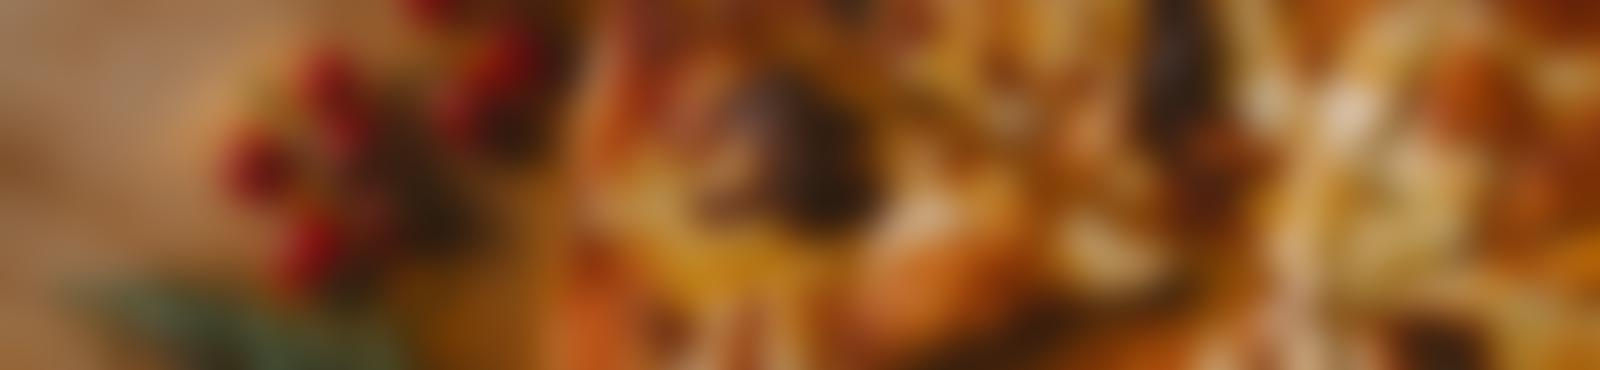 Blurred e3409402 ee63 4178 b6bf 7cb220d6744e